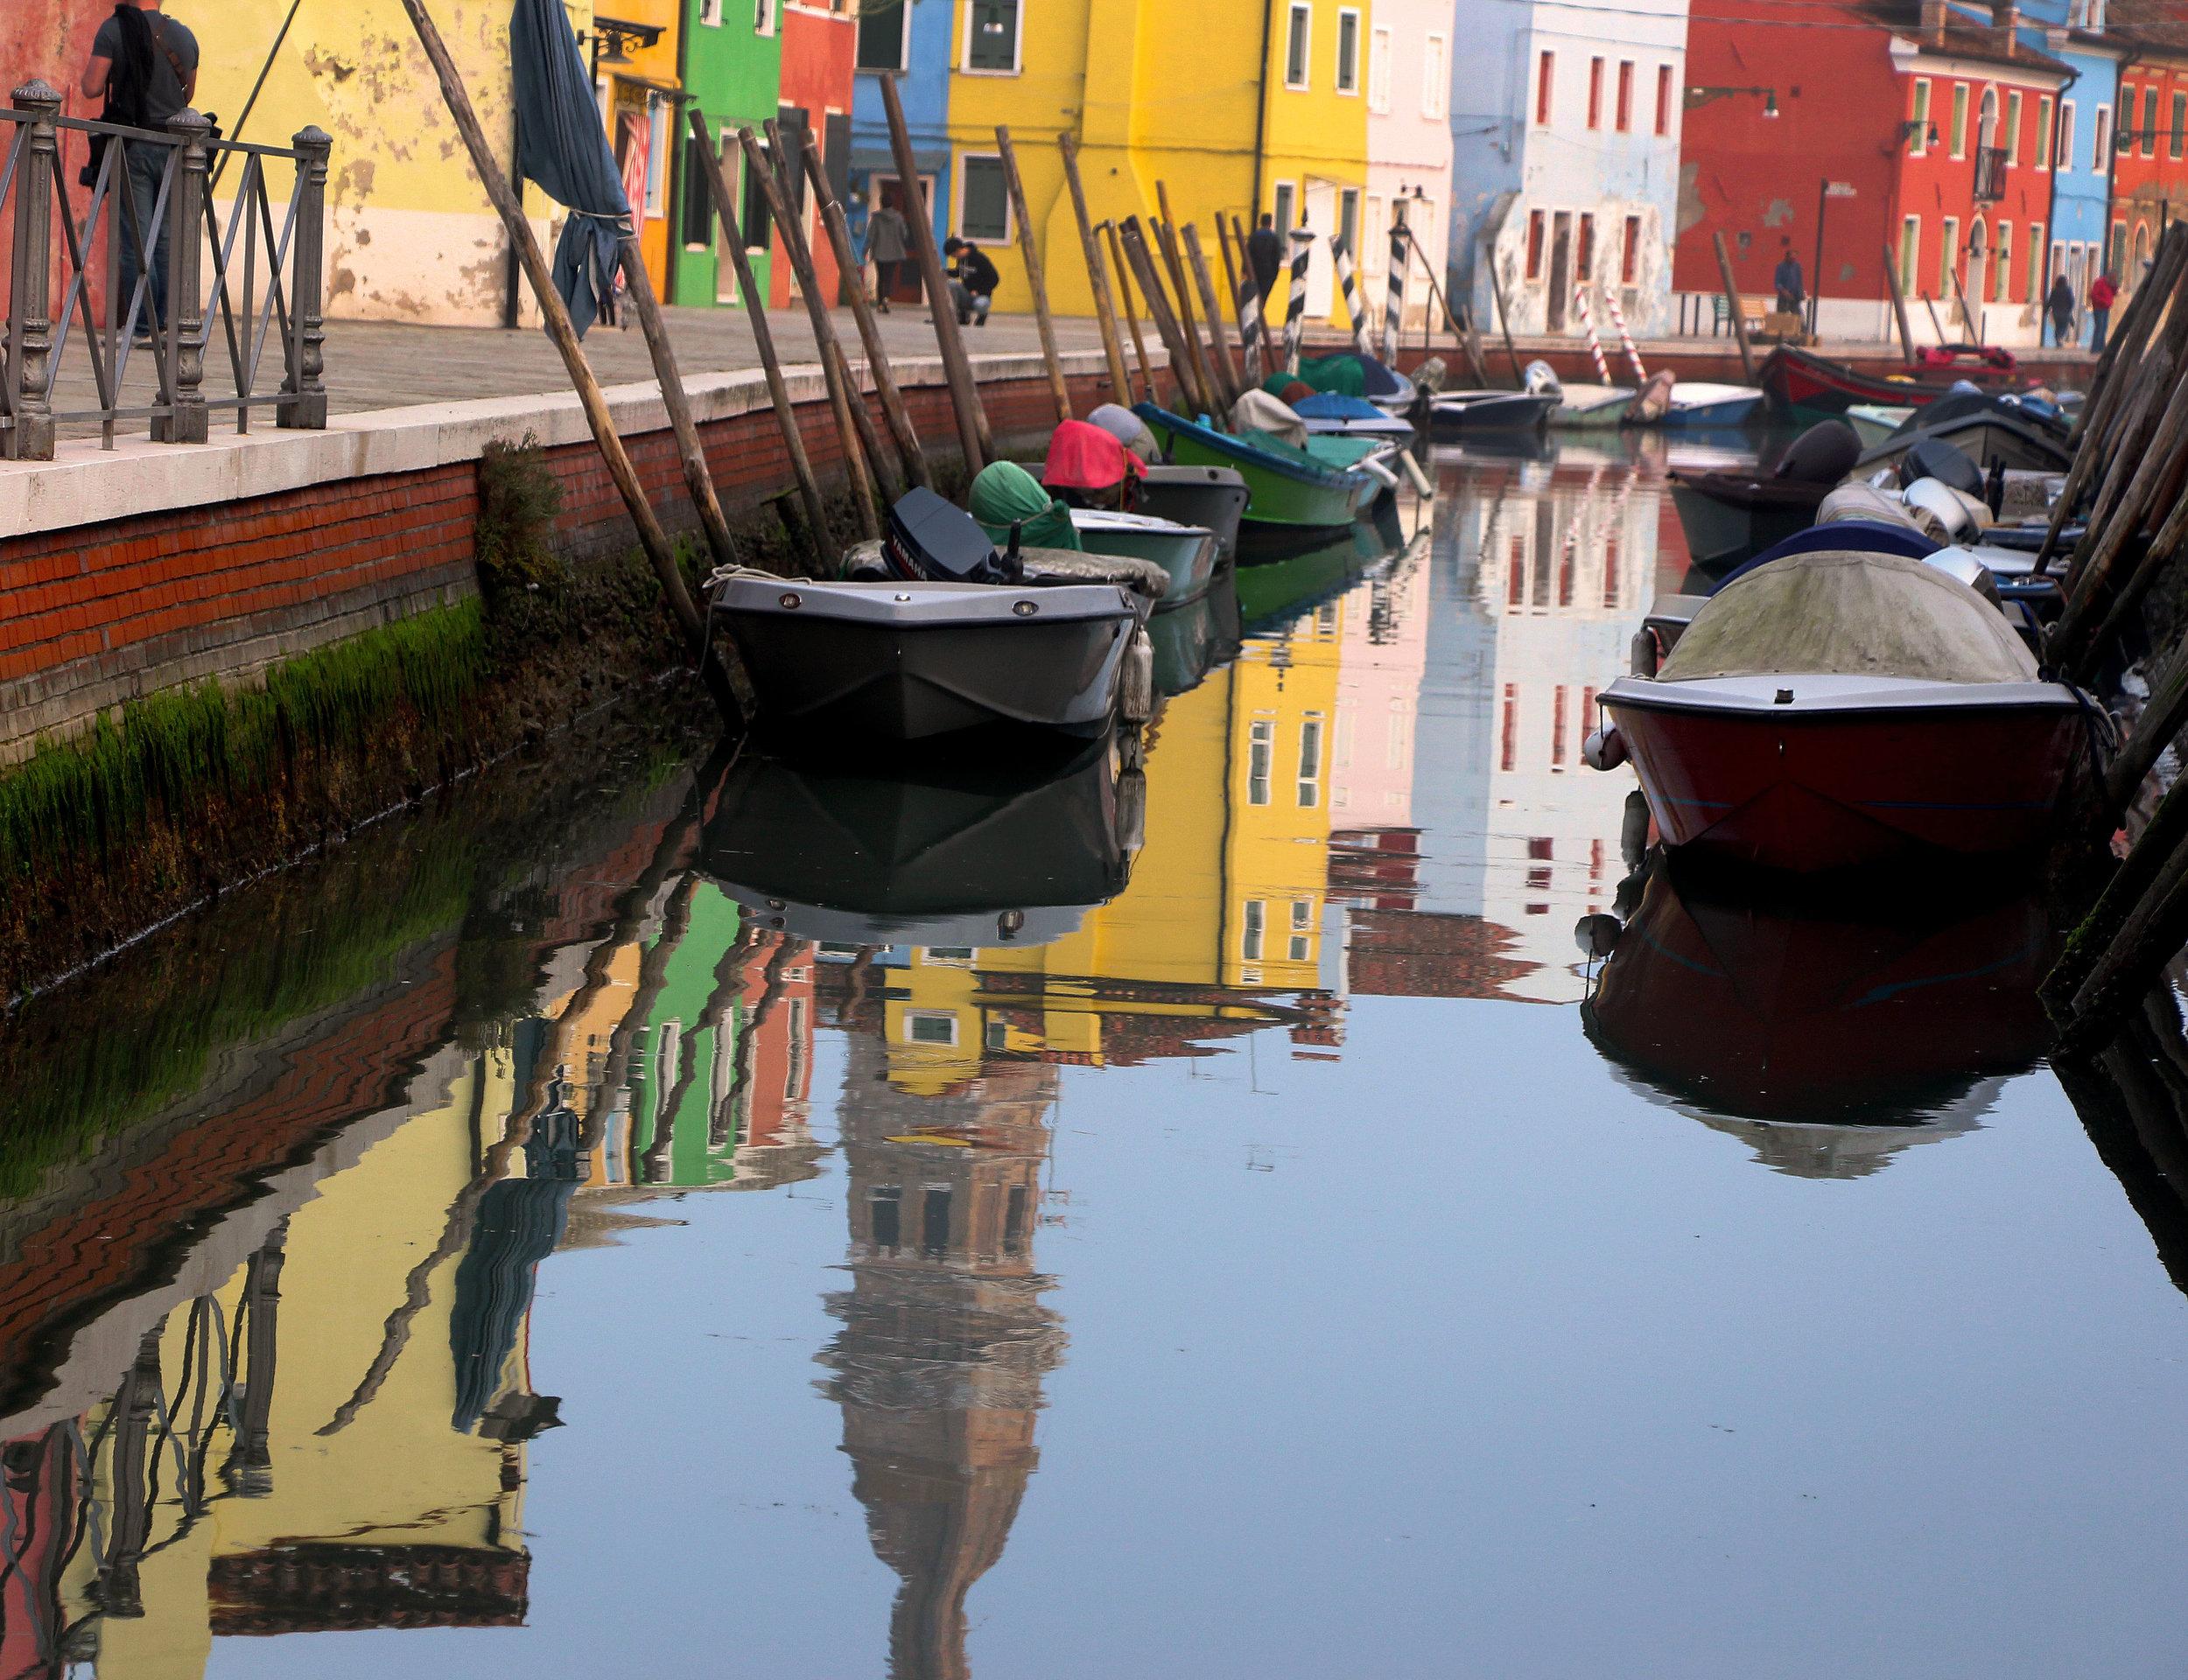 Reflections in the canal of Burano, Italy   © Tony DiBona